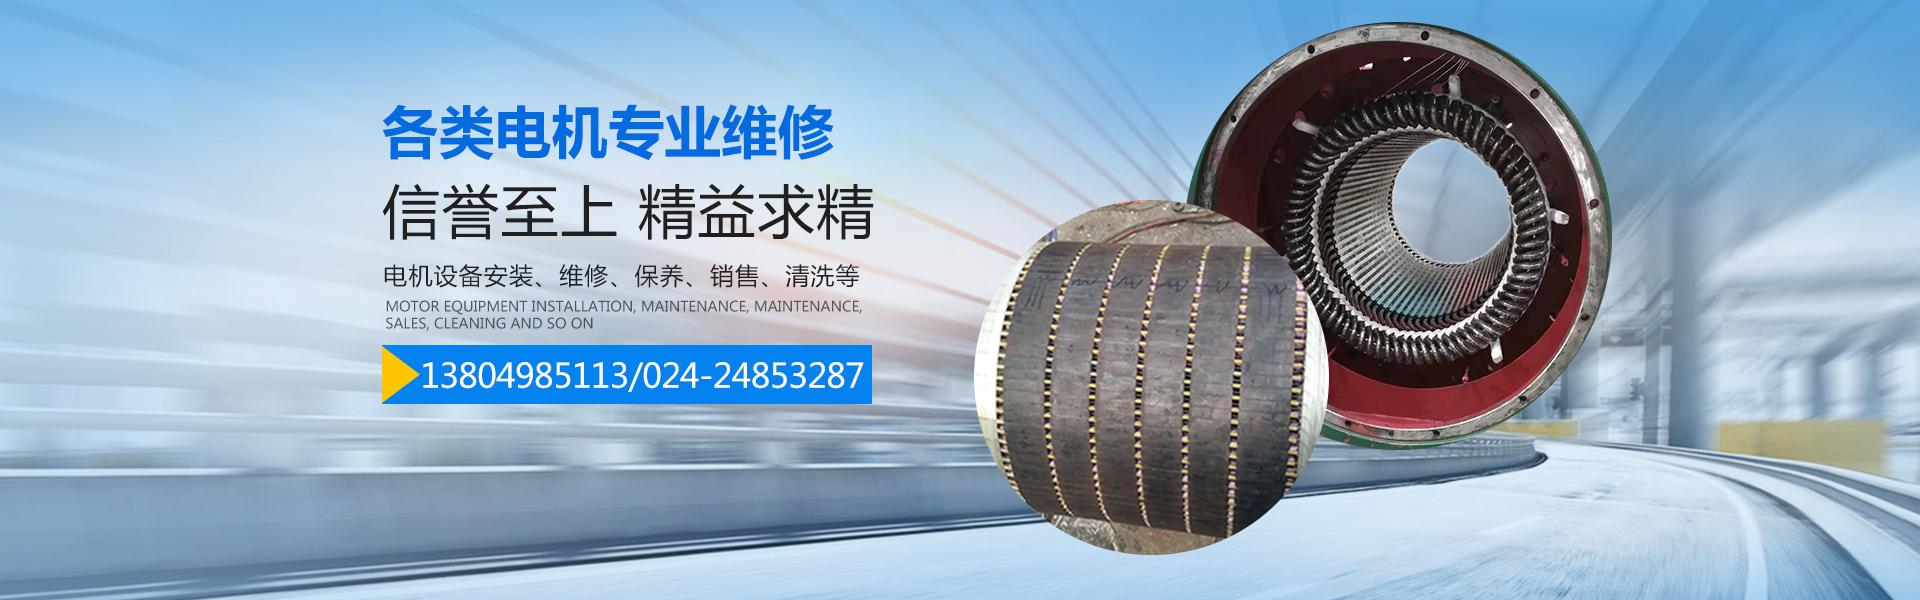 沈陽電機維修 遼寧電機修理 沈陽大型電機修理 沈陽高壓電機修理改造 沈陽電機線圈加工銷售